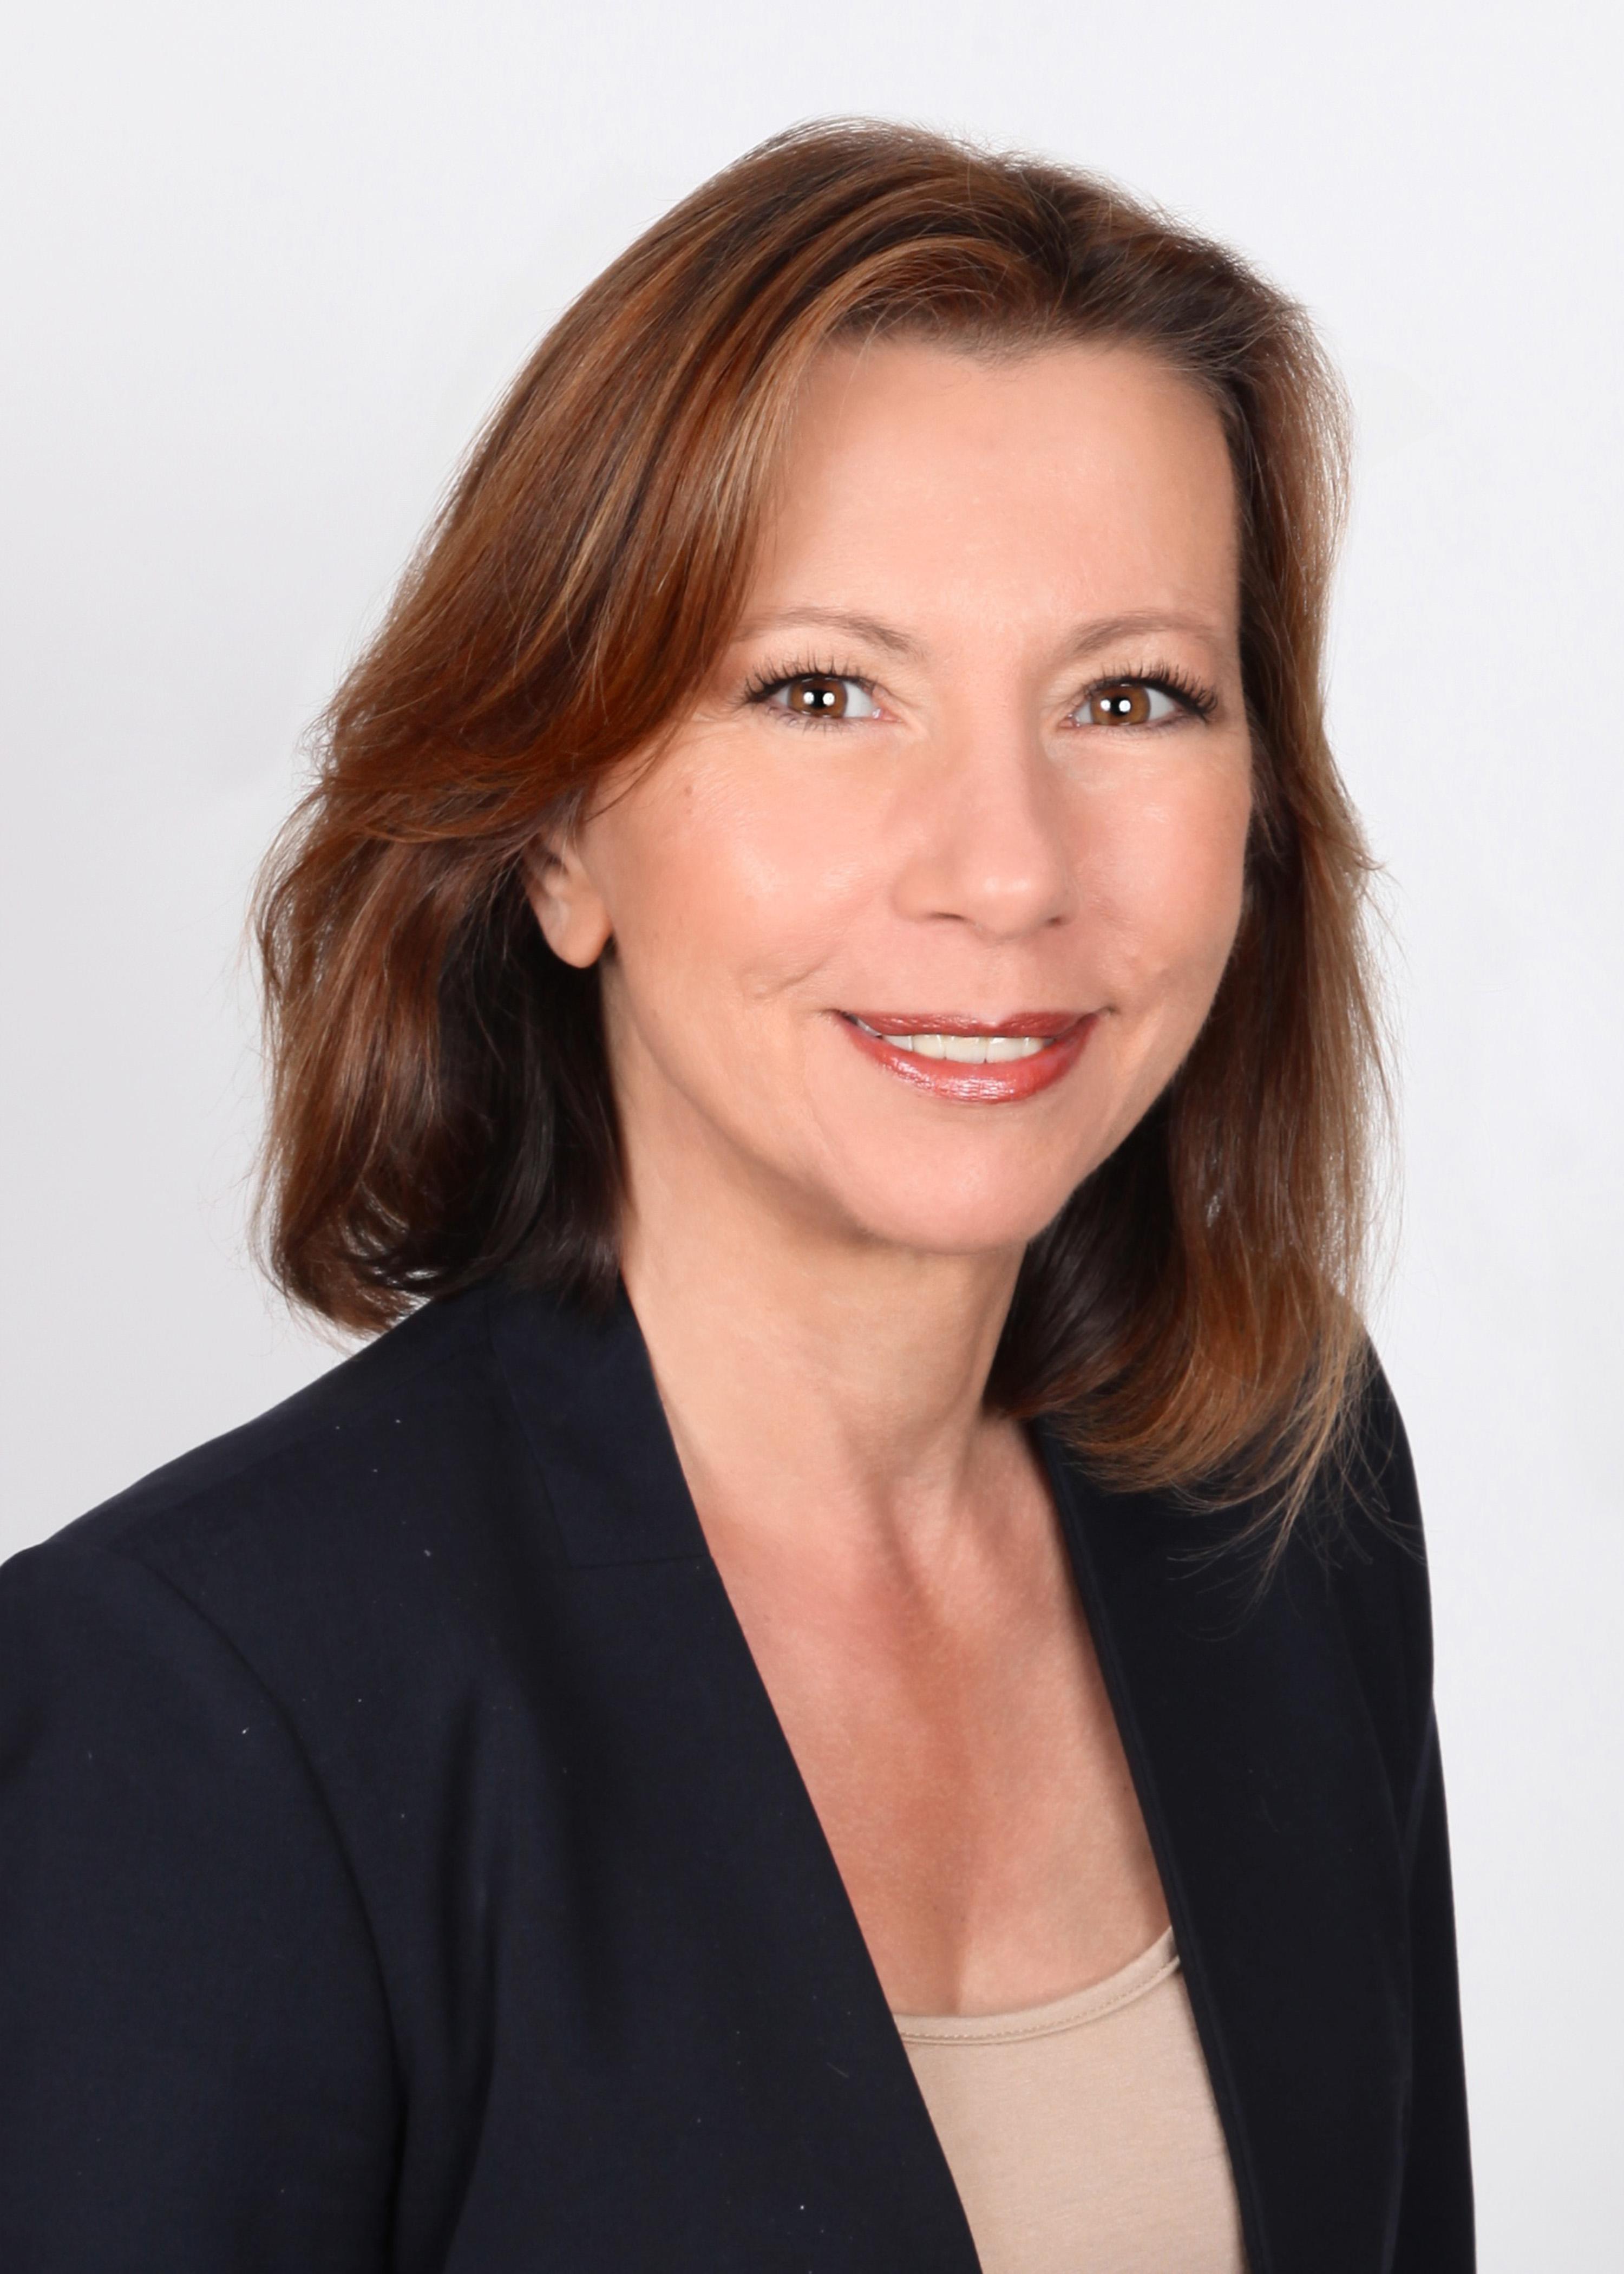 Maria Iliev